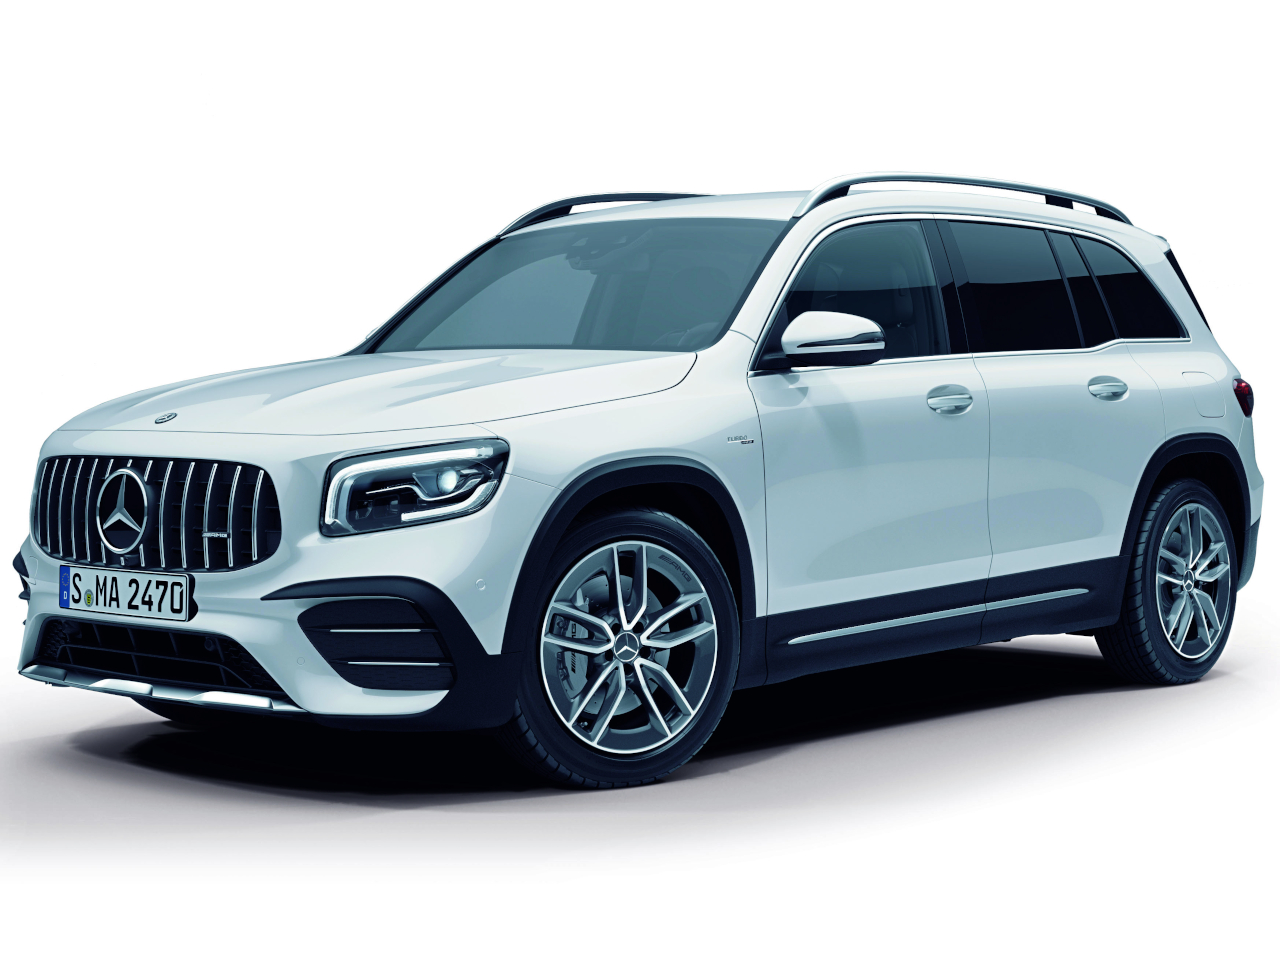 メルセデスAMG GLB AMG 2021年モデル 新車画像